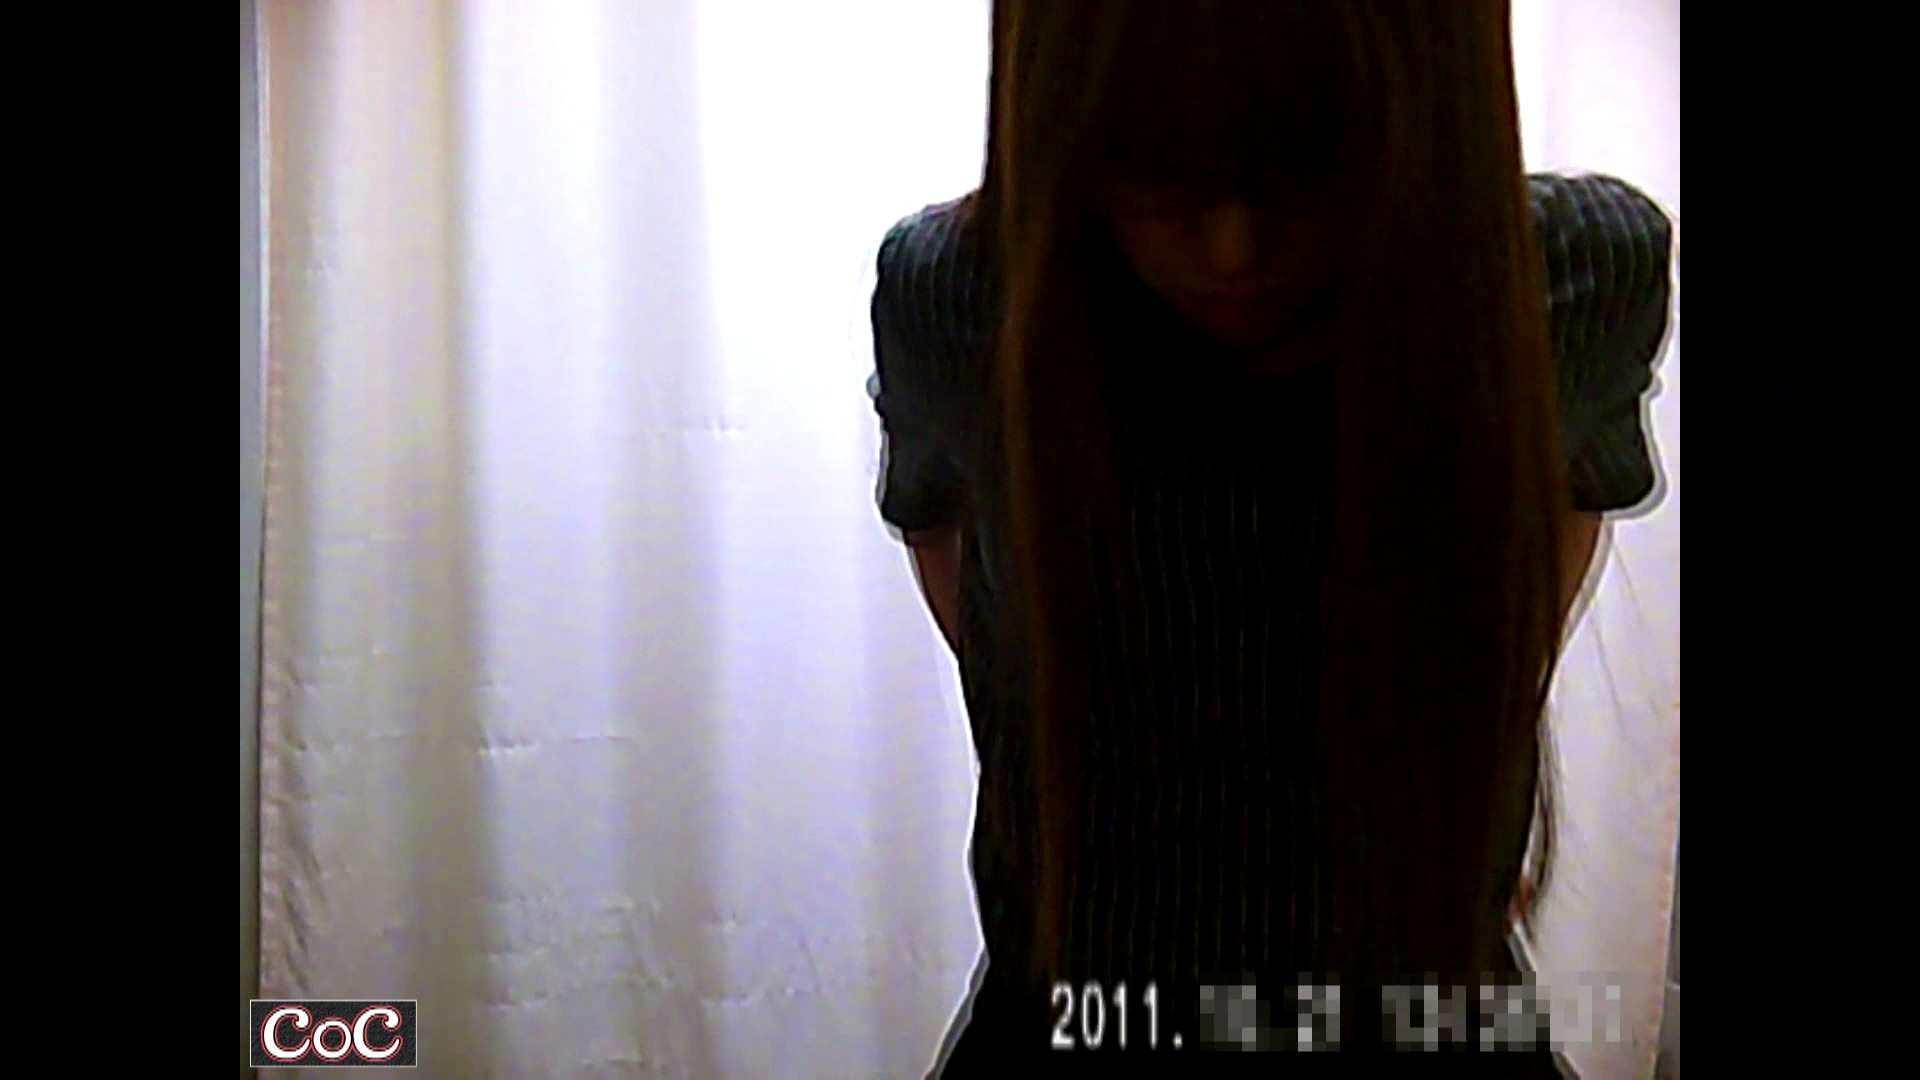 病院おもいっきり着替え! vol.67 着替え 隠し撮りすけべAV動画紹介 91PICs 59